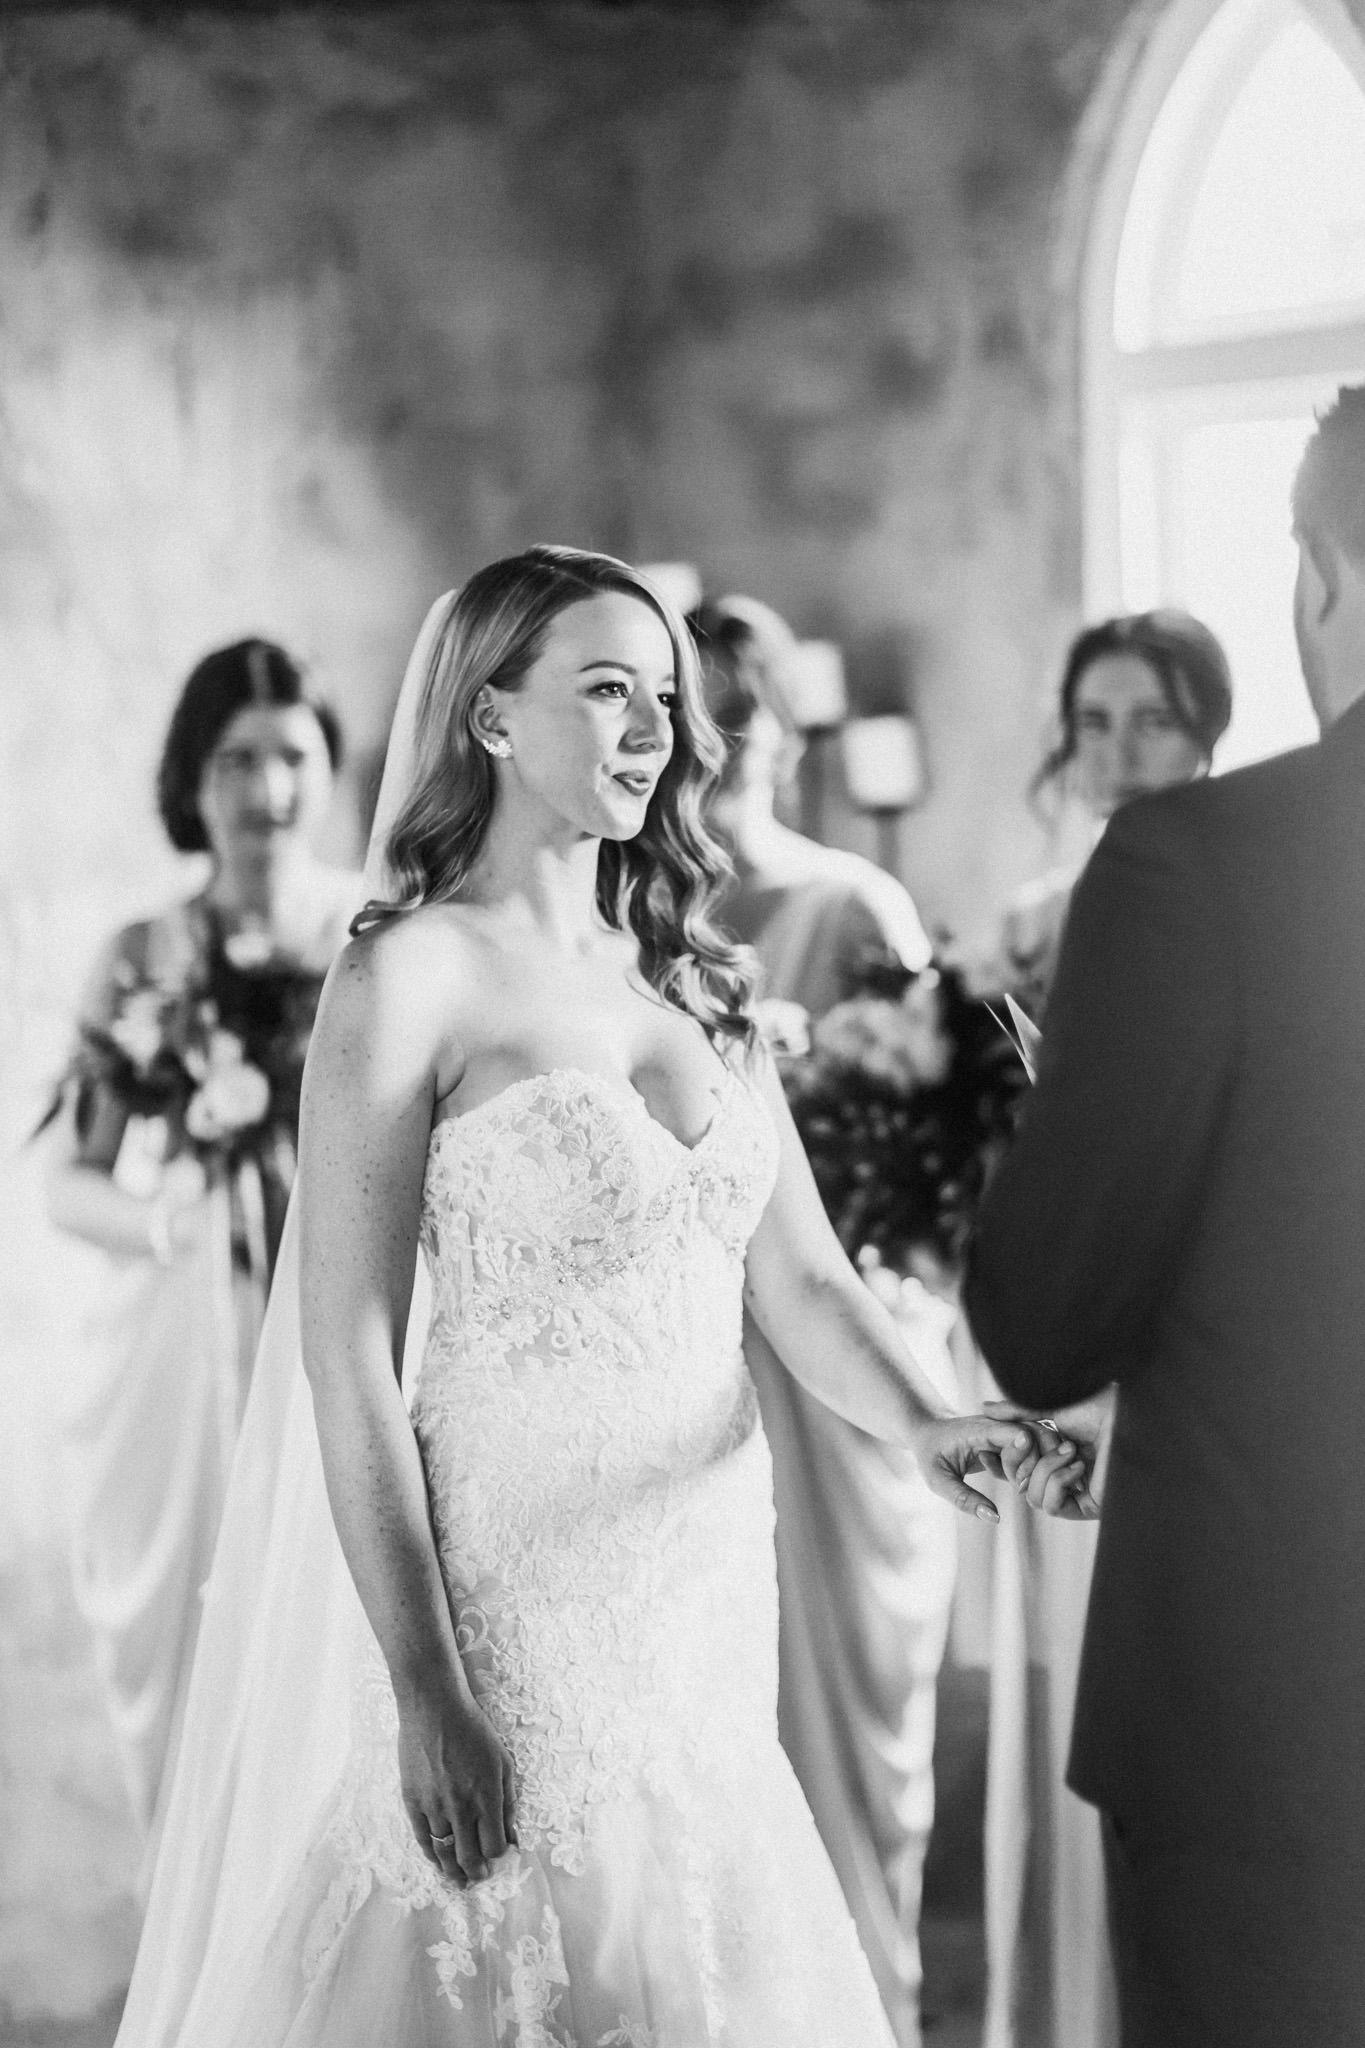 WeddingPhotos_Facebook_2048pixels-1046.jpg